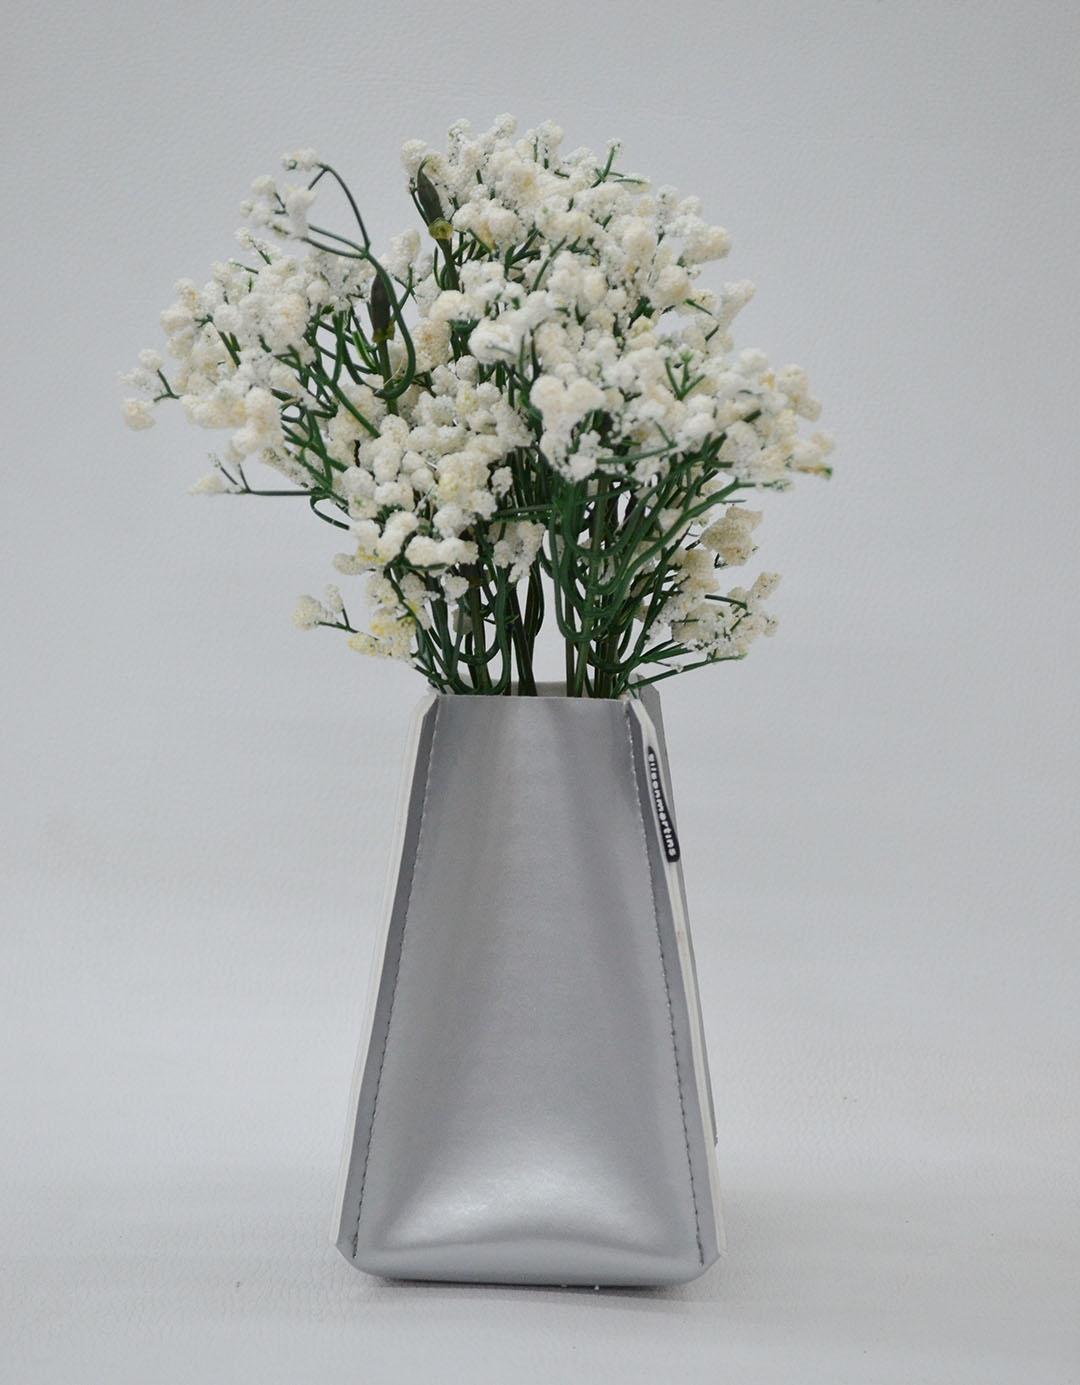 Cachepot Decorativo Assinado Gilson Home - Vaso PP Alto